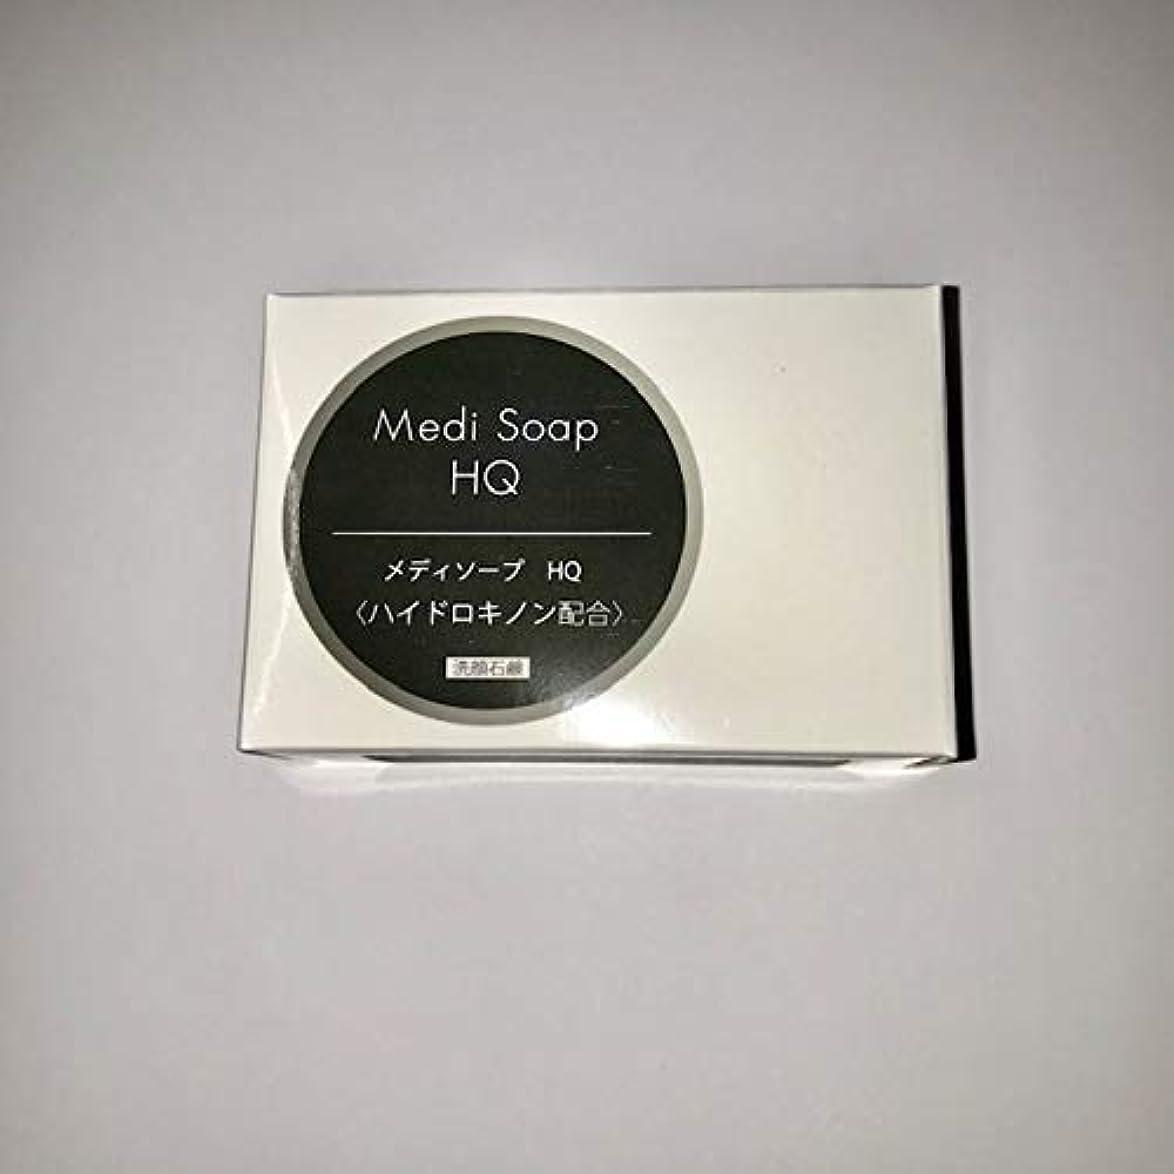 コメント散髪人気のメディソープHQ 100g ハイドロキノン2%配合 洗顔石鹸 ジェイ?ヒューイット製